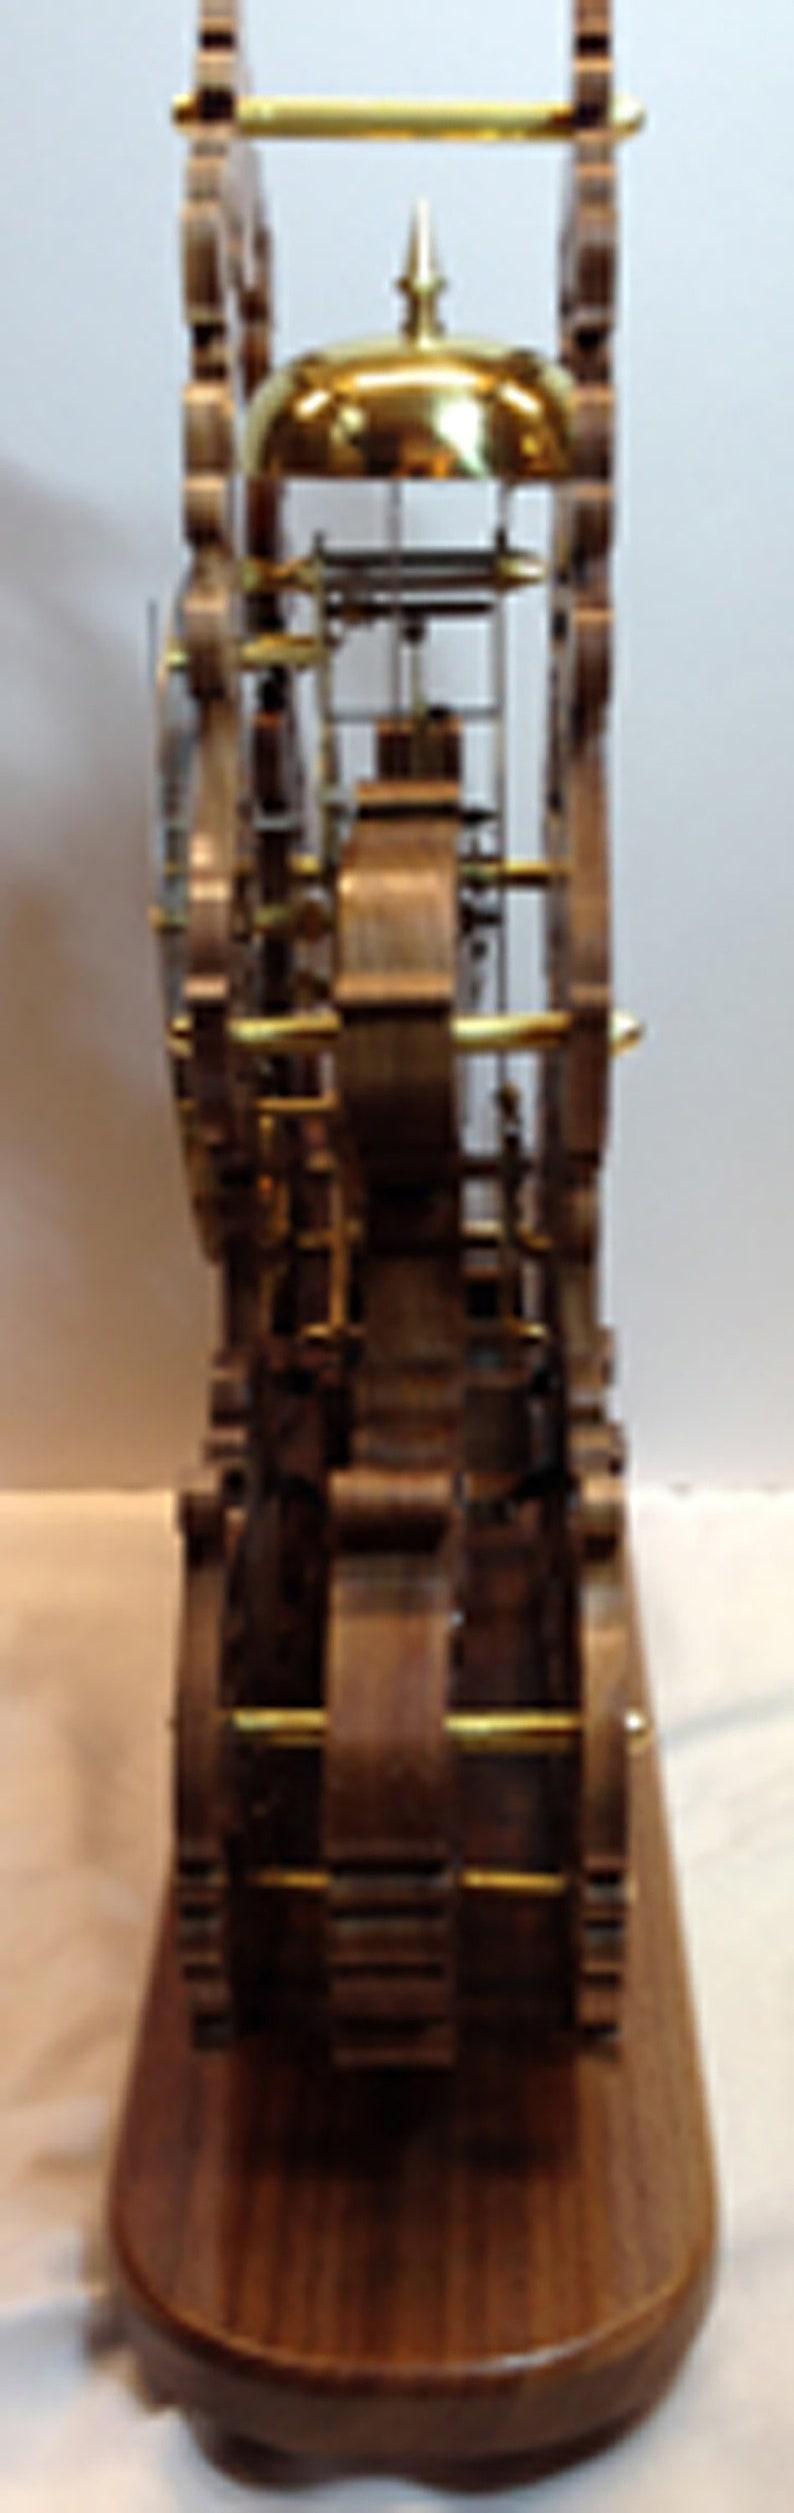 Chantournage bois fait à la main mouvement mécanique squelette étagère horloge scie à chantourner Art noyer